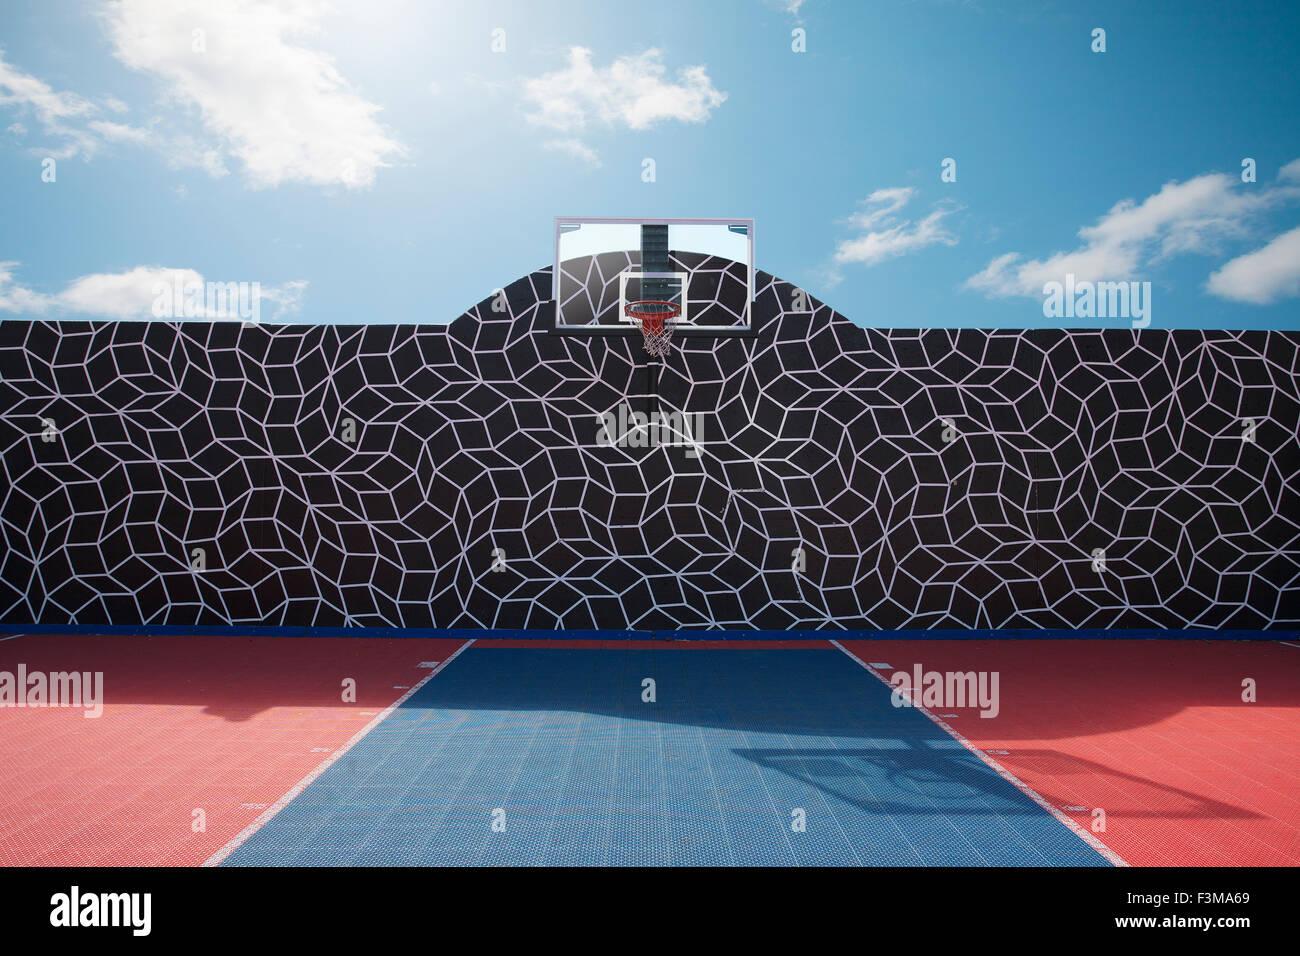 Pattern Net Toronto Wall Basketball Court Stock Photo 88342865 Alamy